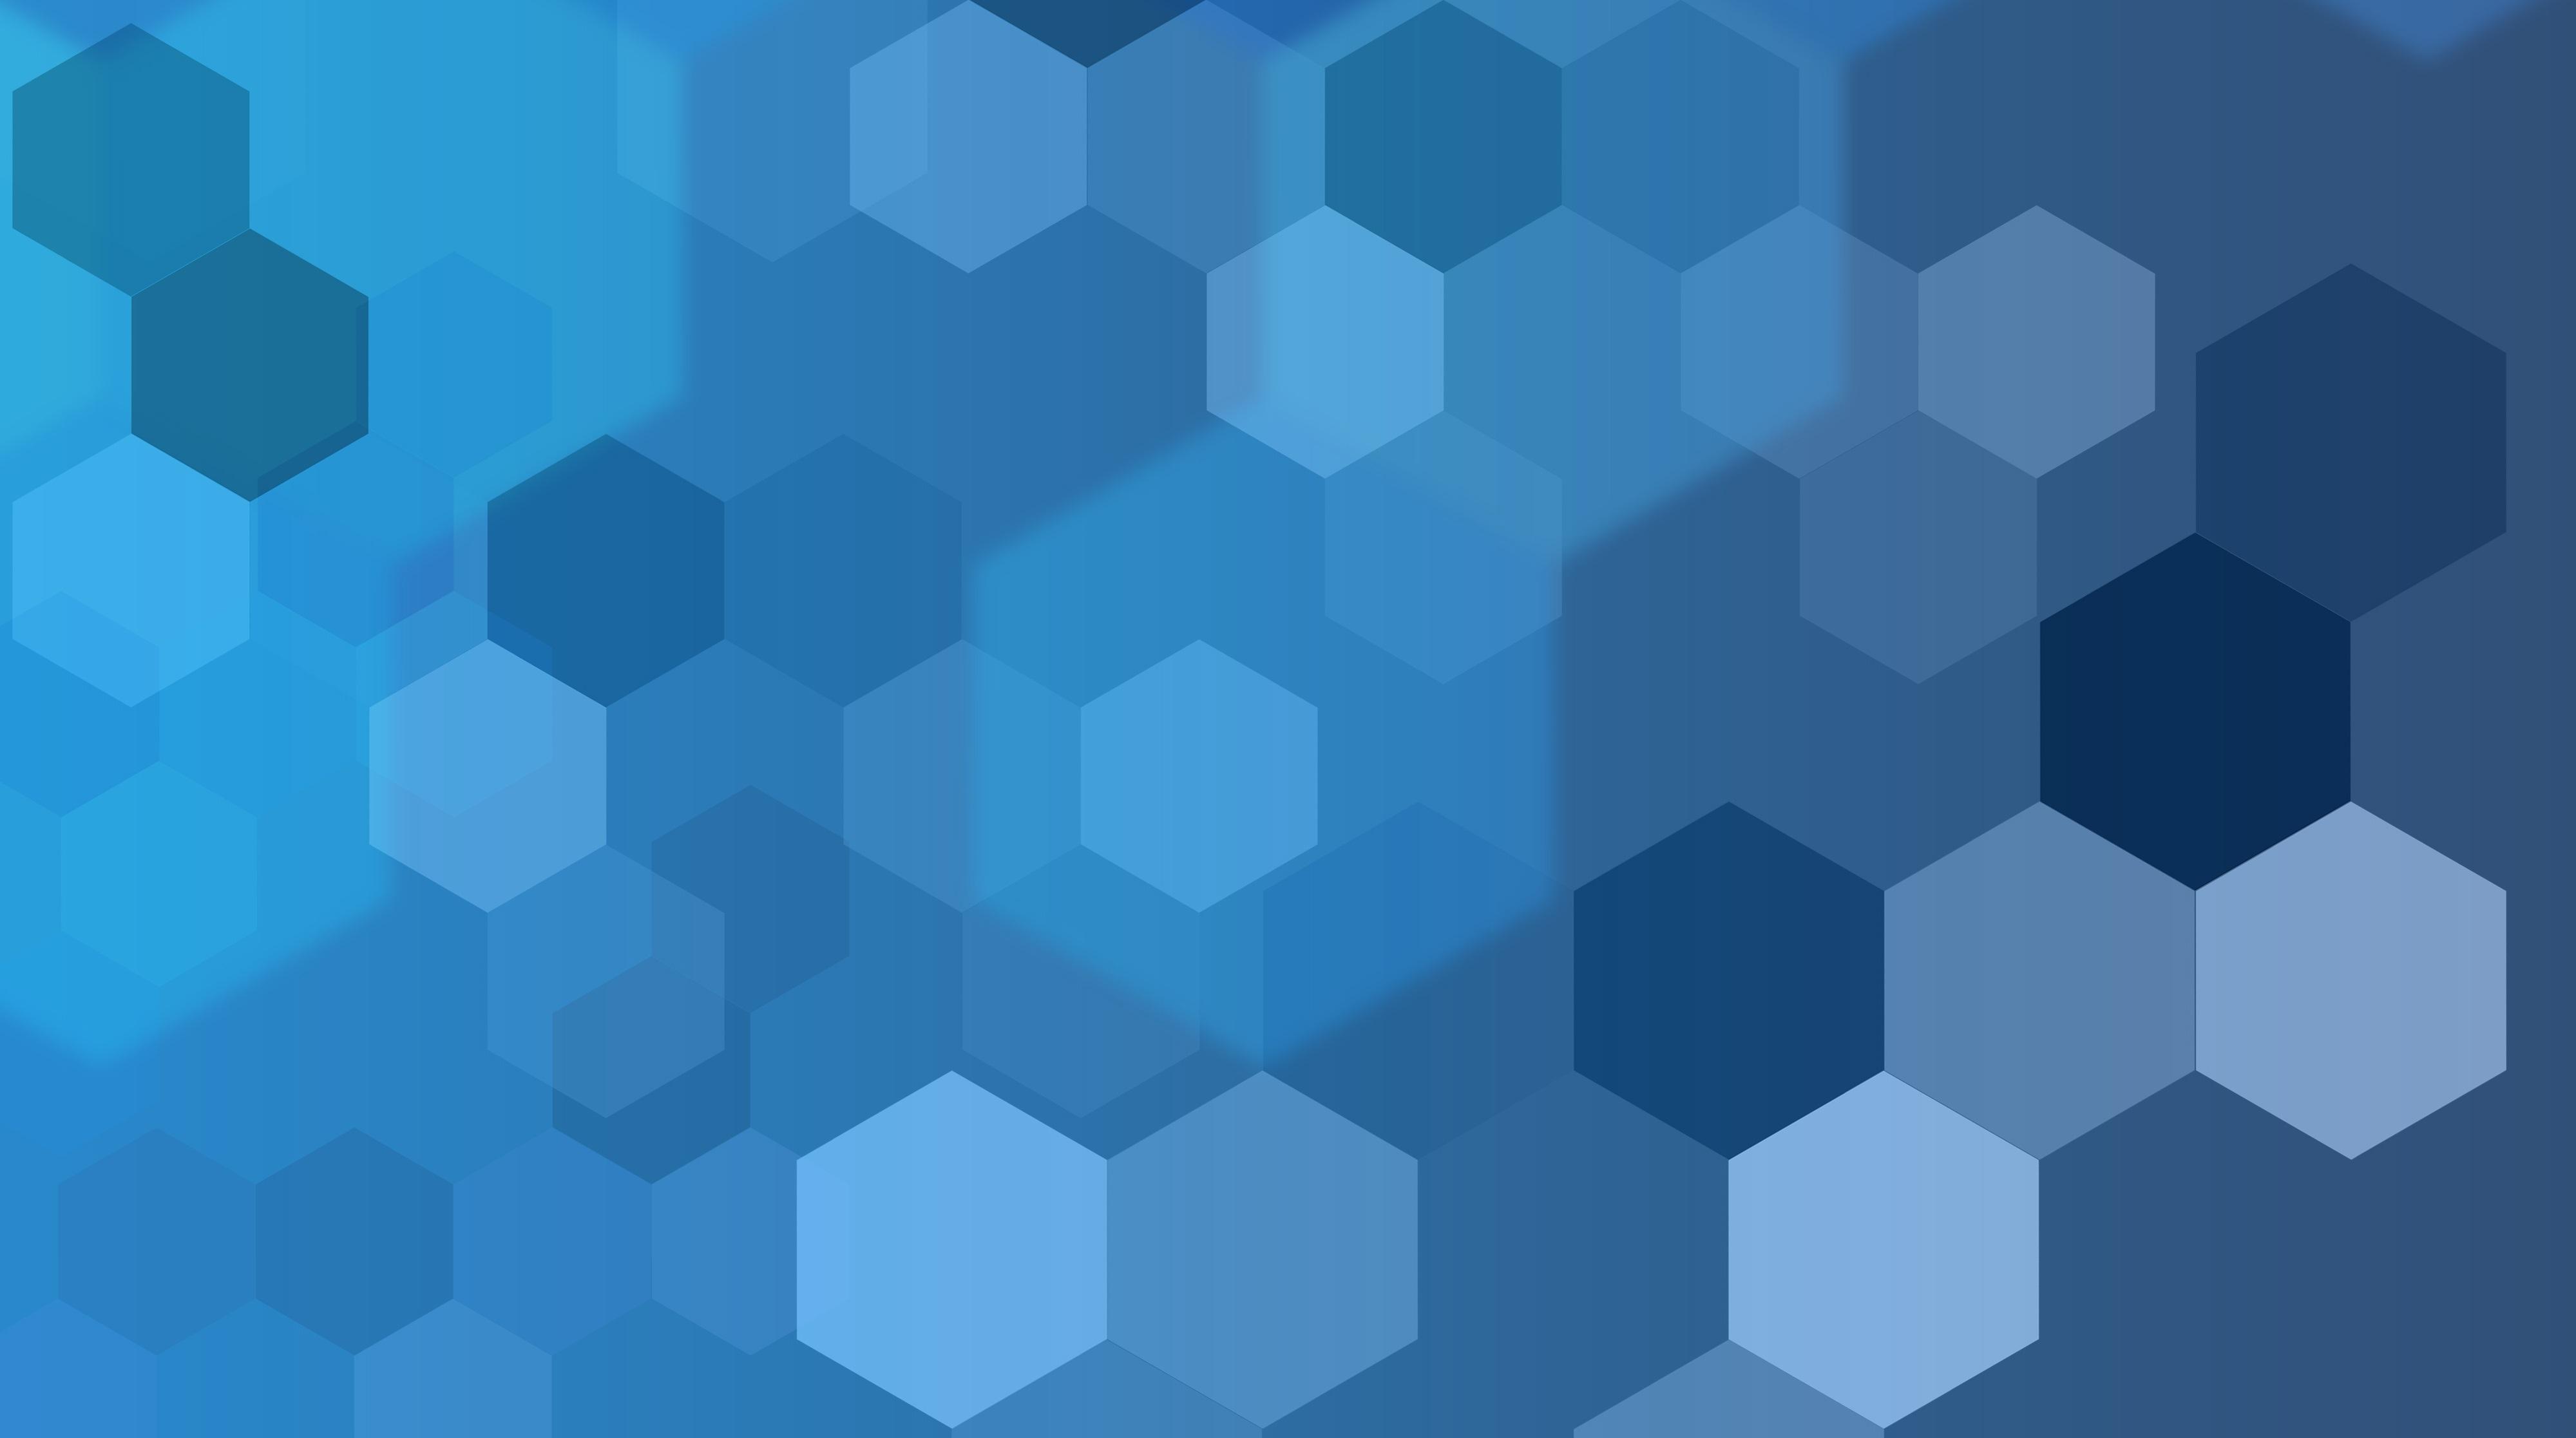 Zils fons - digitālā televīzija